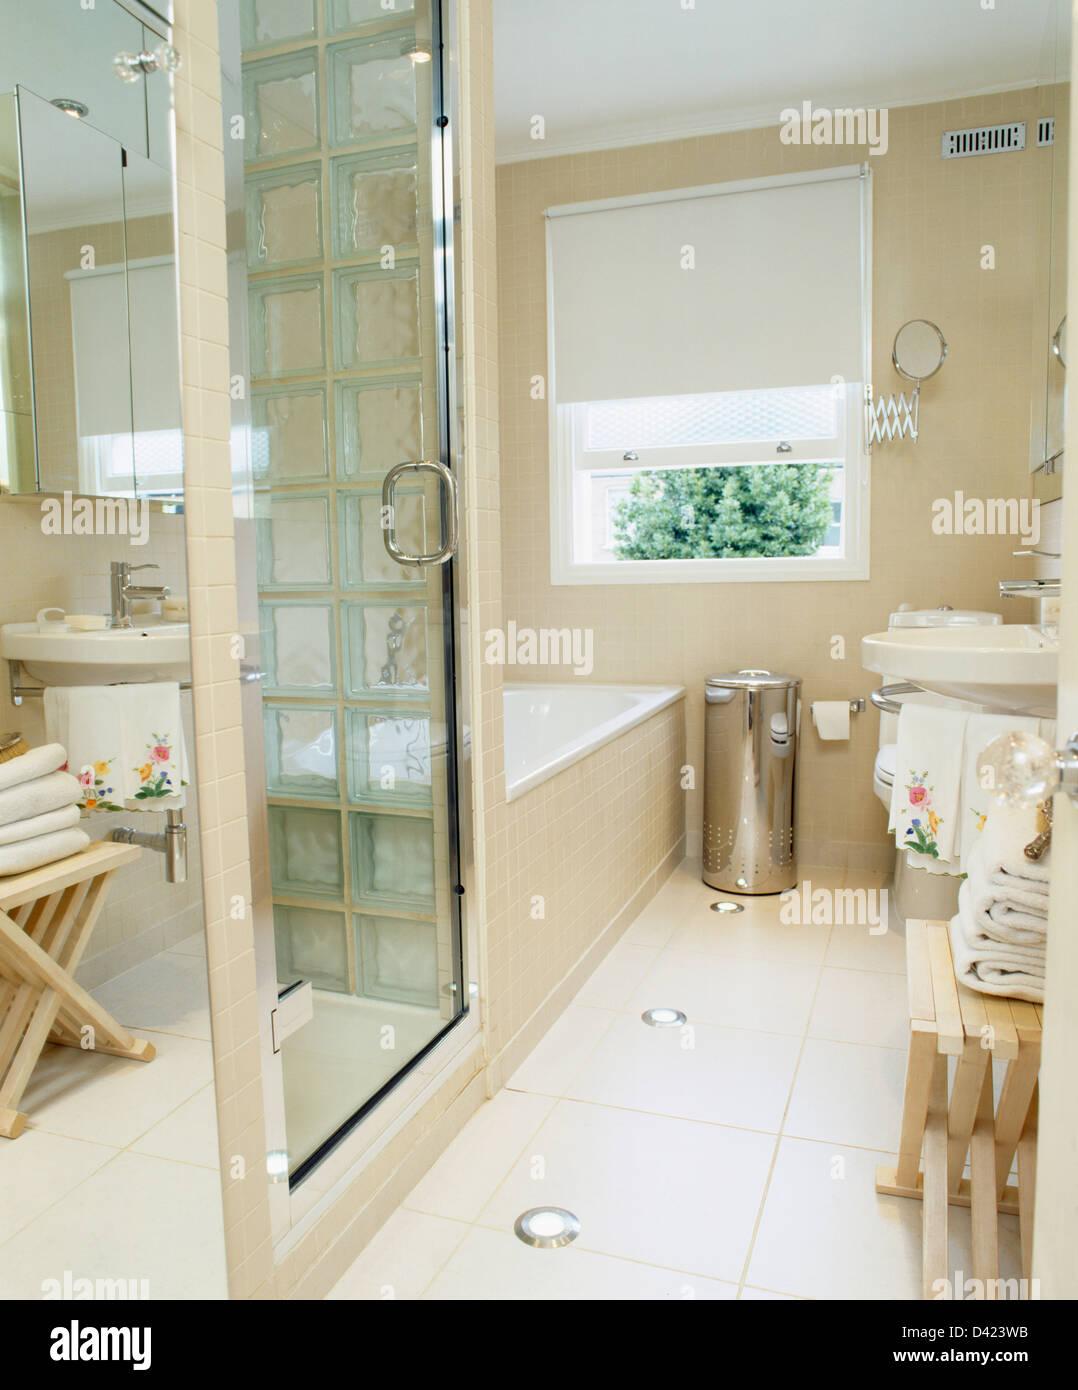 Glass door on shower cabinet in modern bathroom with recessed floor ...